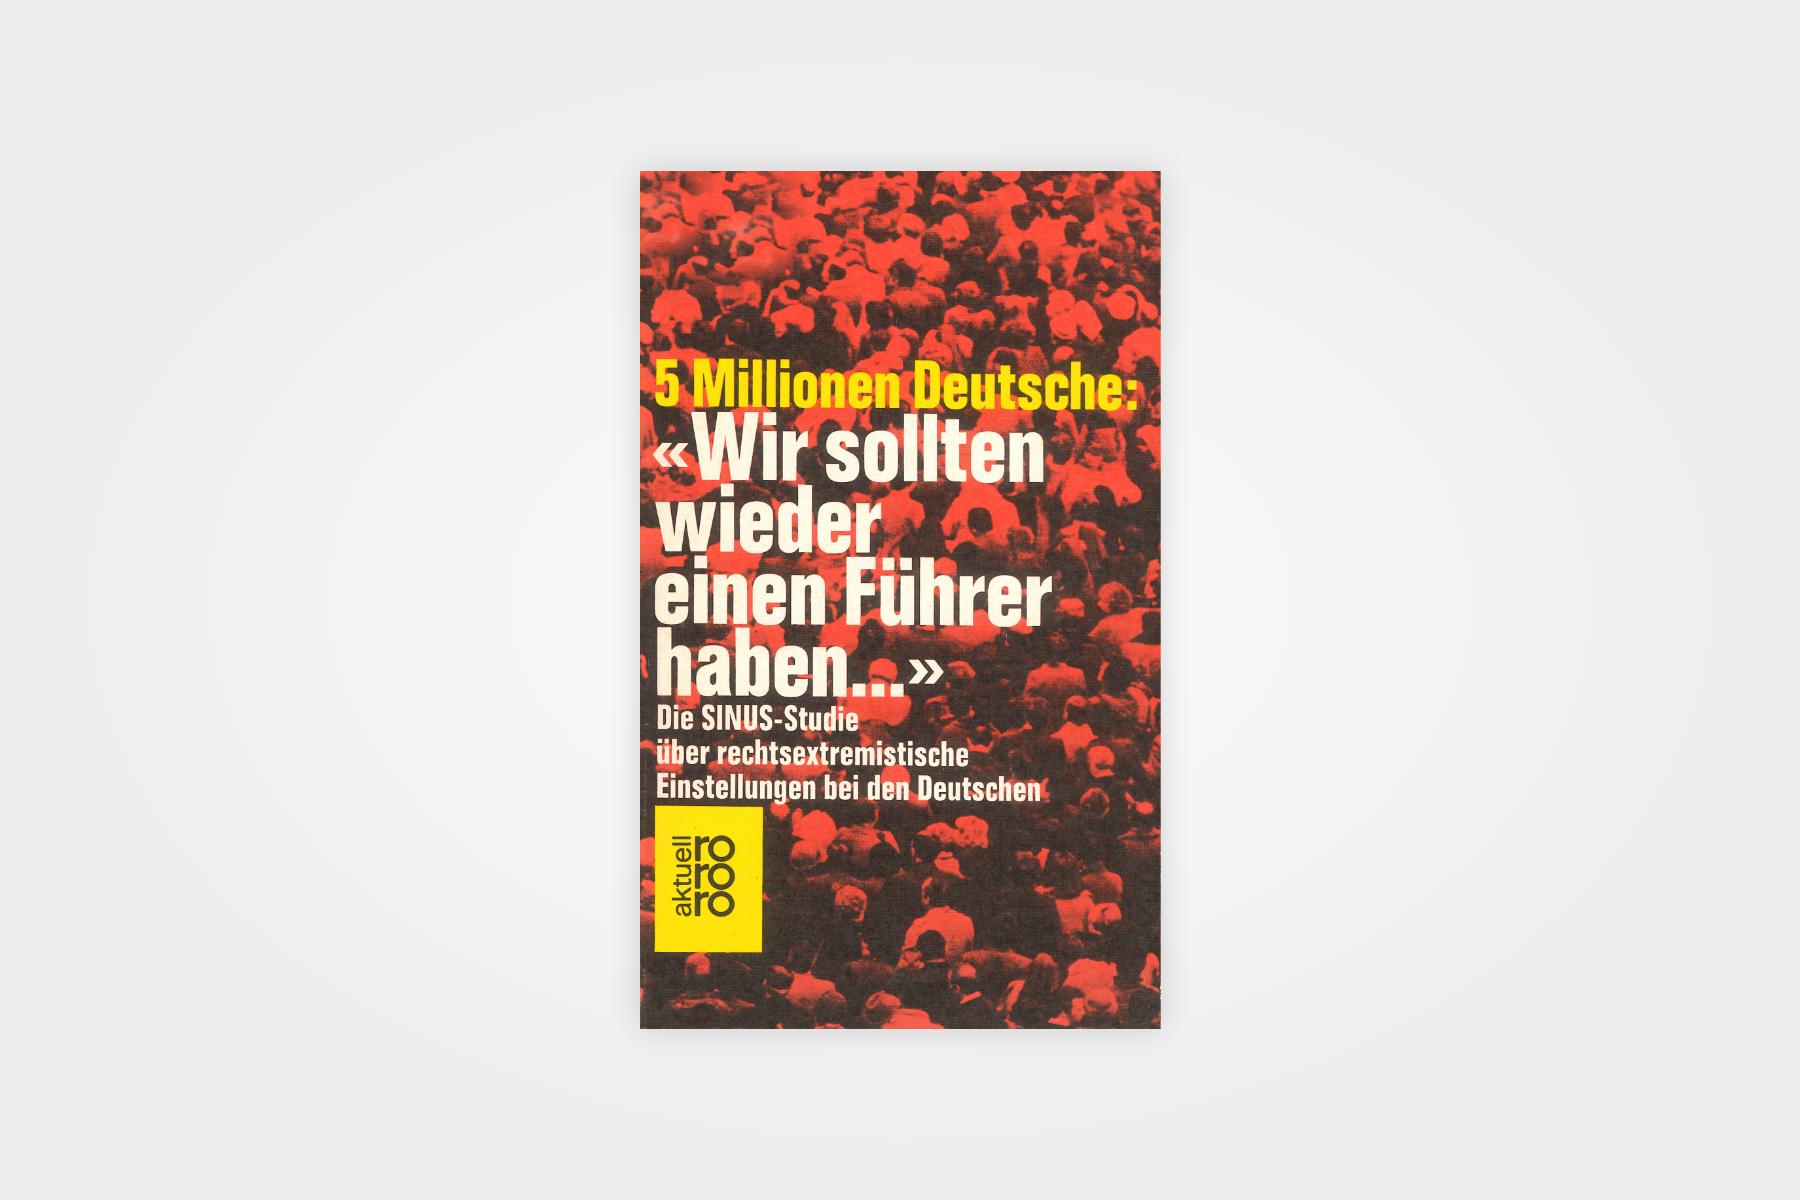 """5 Millionen Deutsche: """"Wir sollten wieder einen Führer haben…"""""""